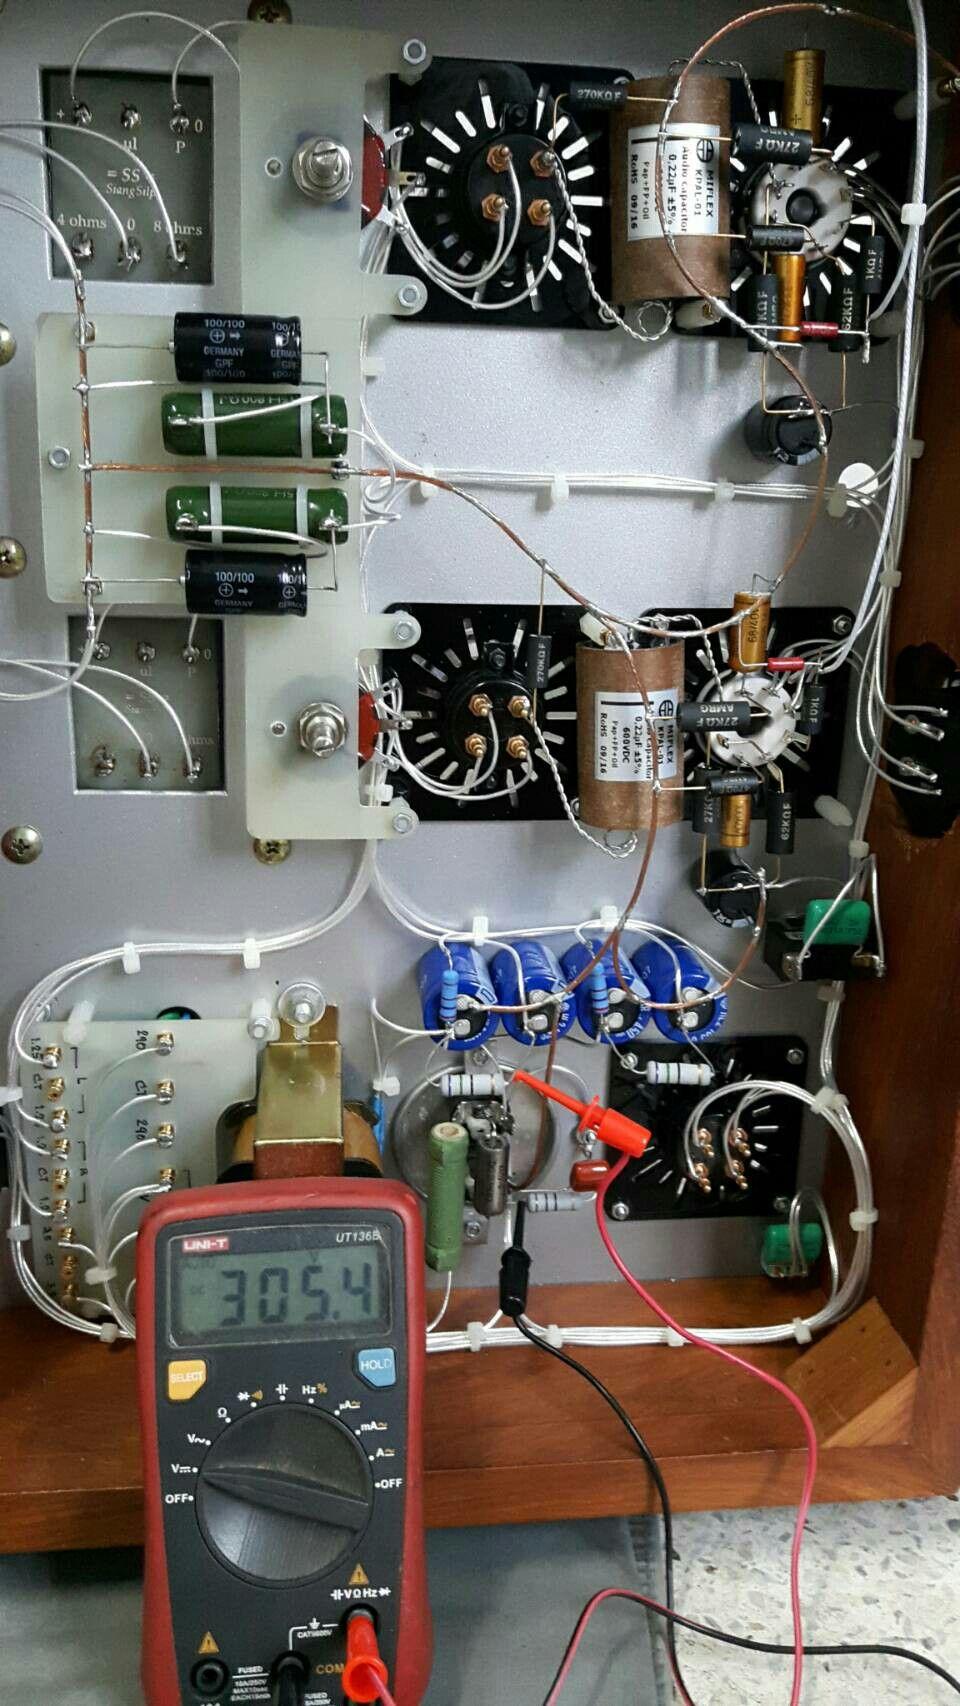 ปักพินโดย artit ใน 2A3 tube amp